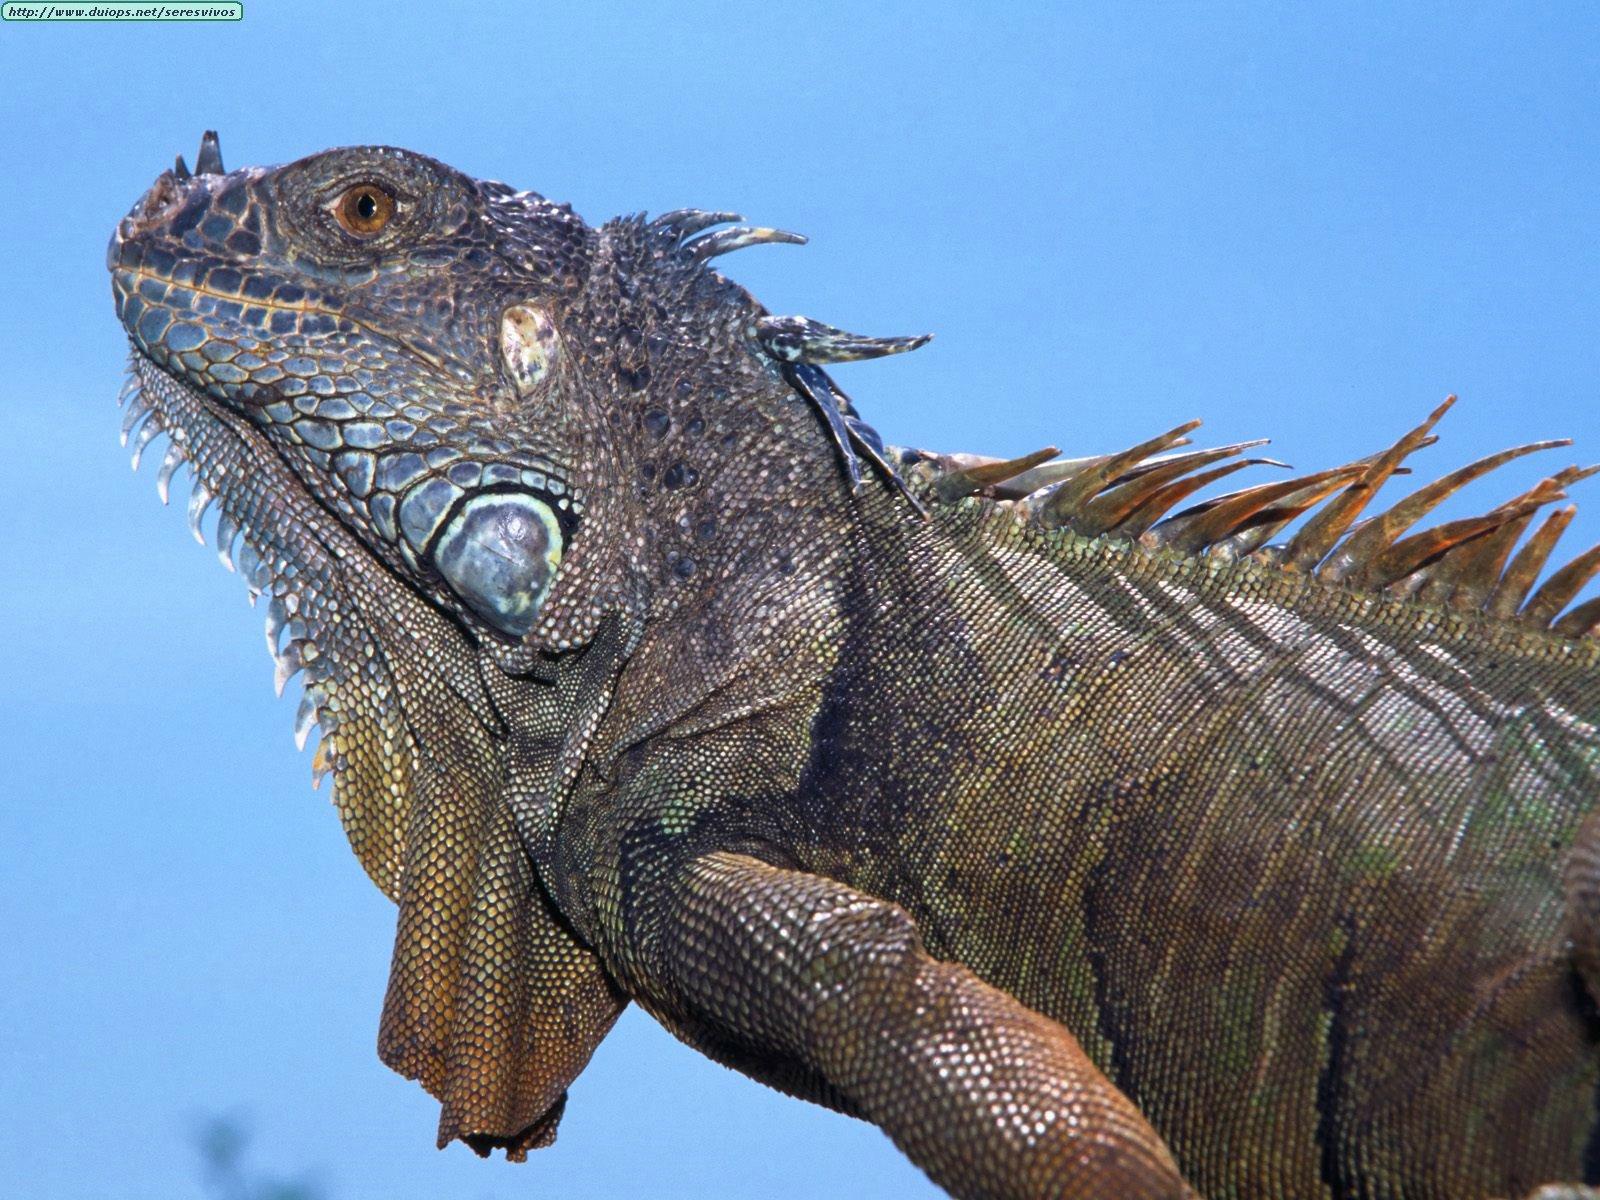 Fotos de lagartos e iguanas I